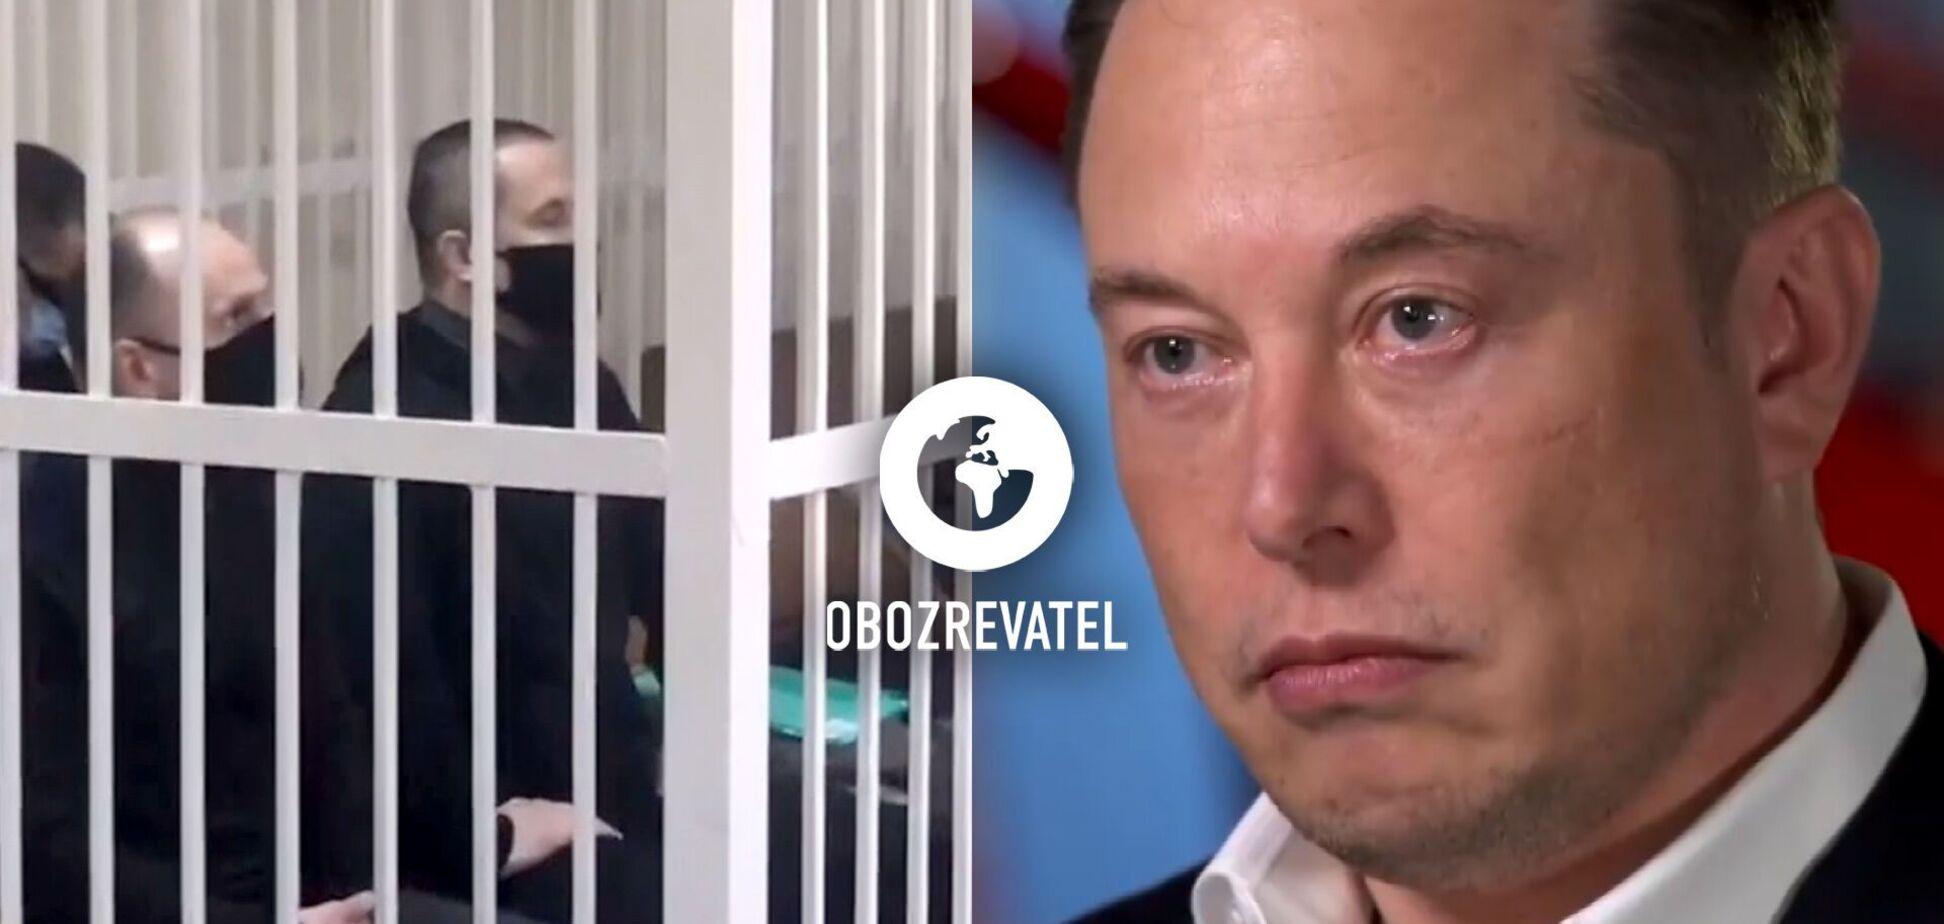 Ув'язнення неповнолітнього у Білорусі та падіння акцій Tesla - дайджест міжнародних подій